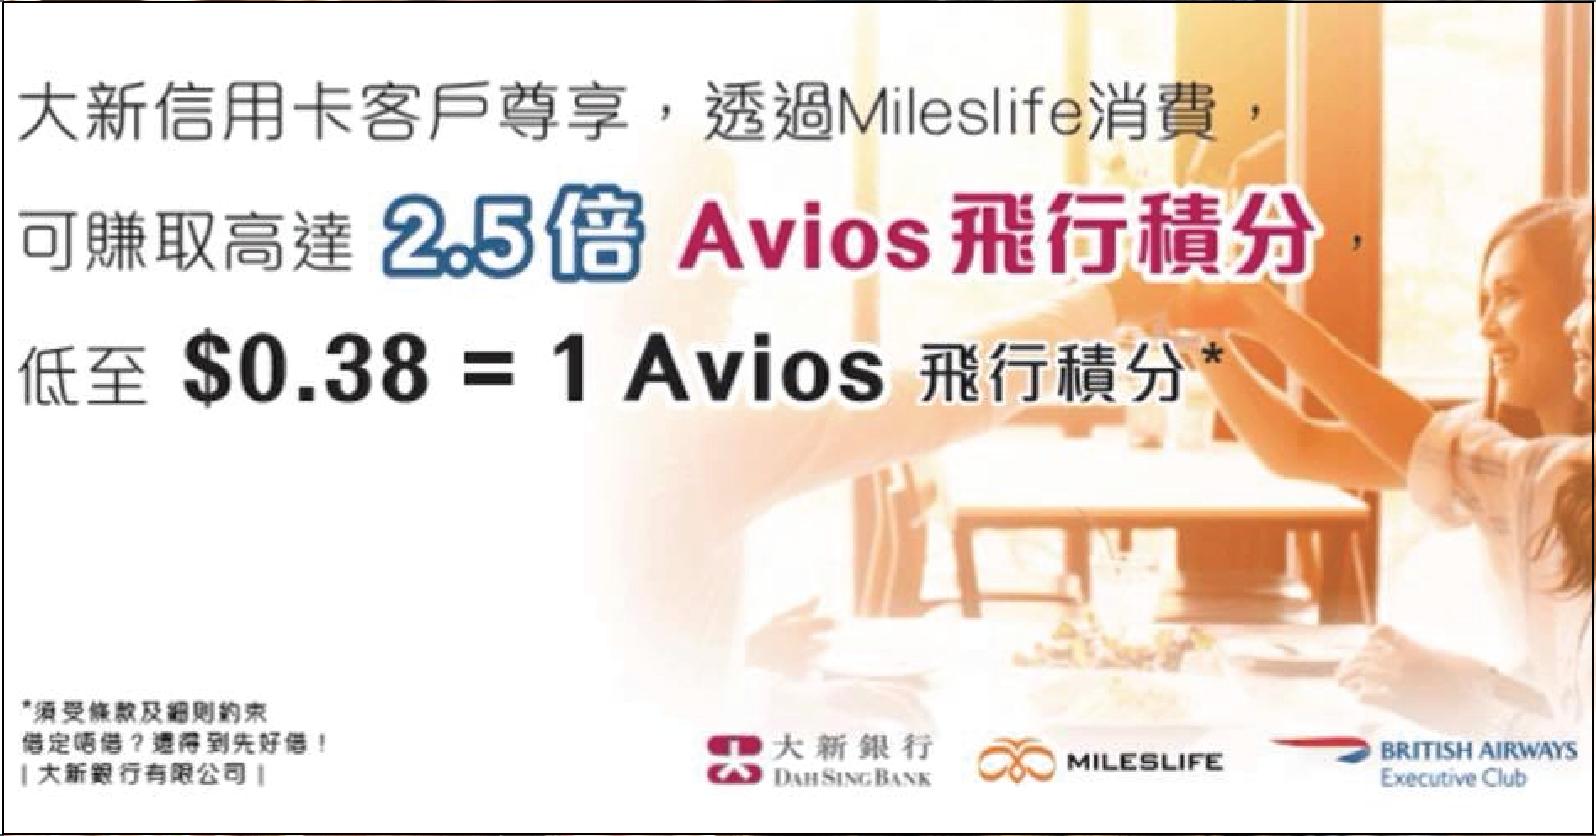 超級抵!大新英航信用卡 Mileslife 低至$0.38/Avios!